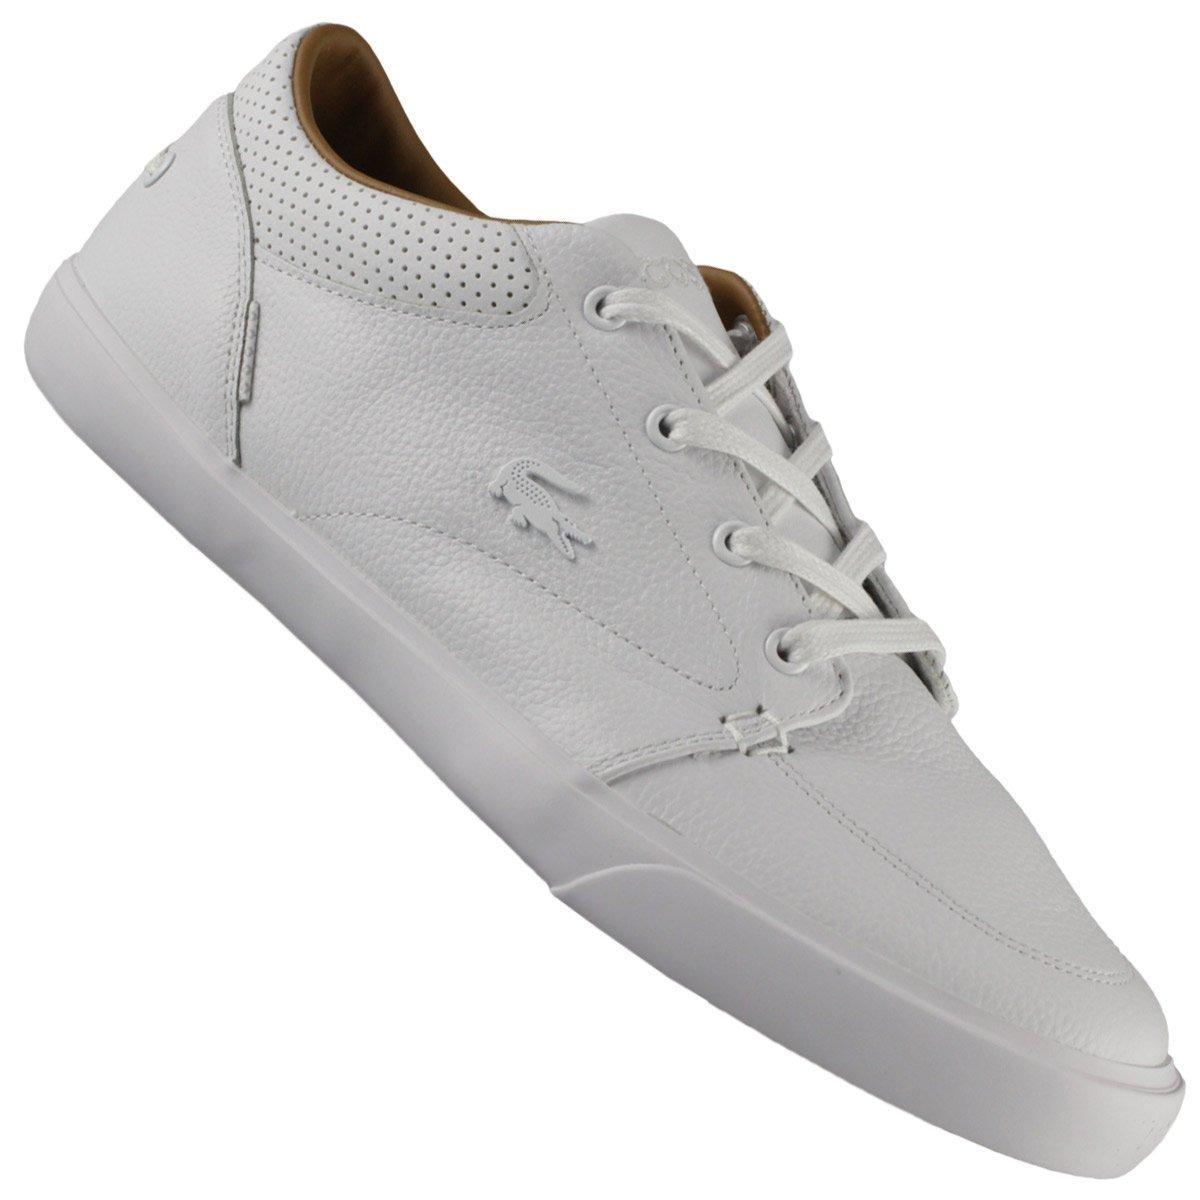 Tenis Lacoste Masculino Branco Couro Original Nf - R  449,00 em ... 0e51e91976